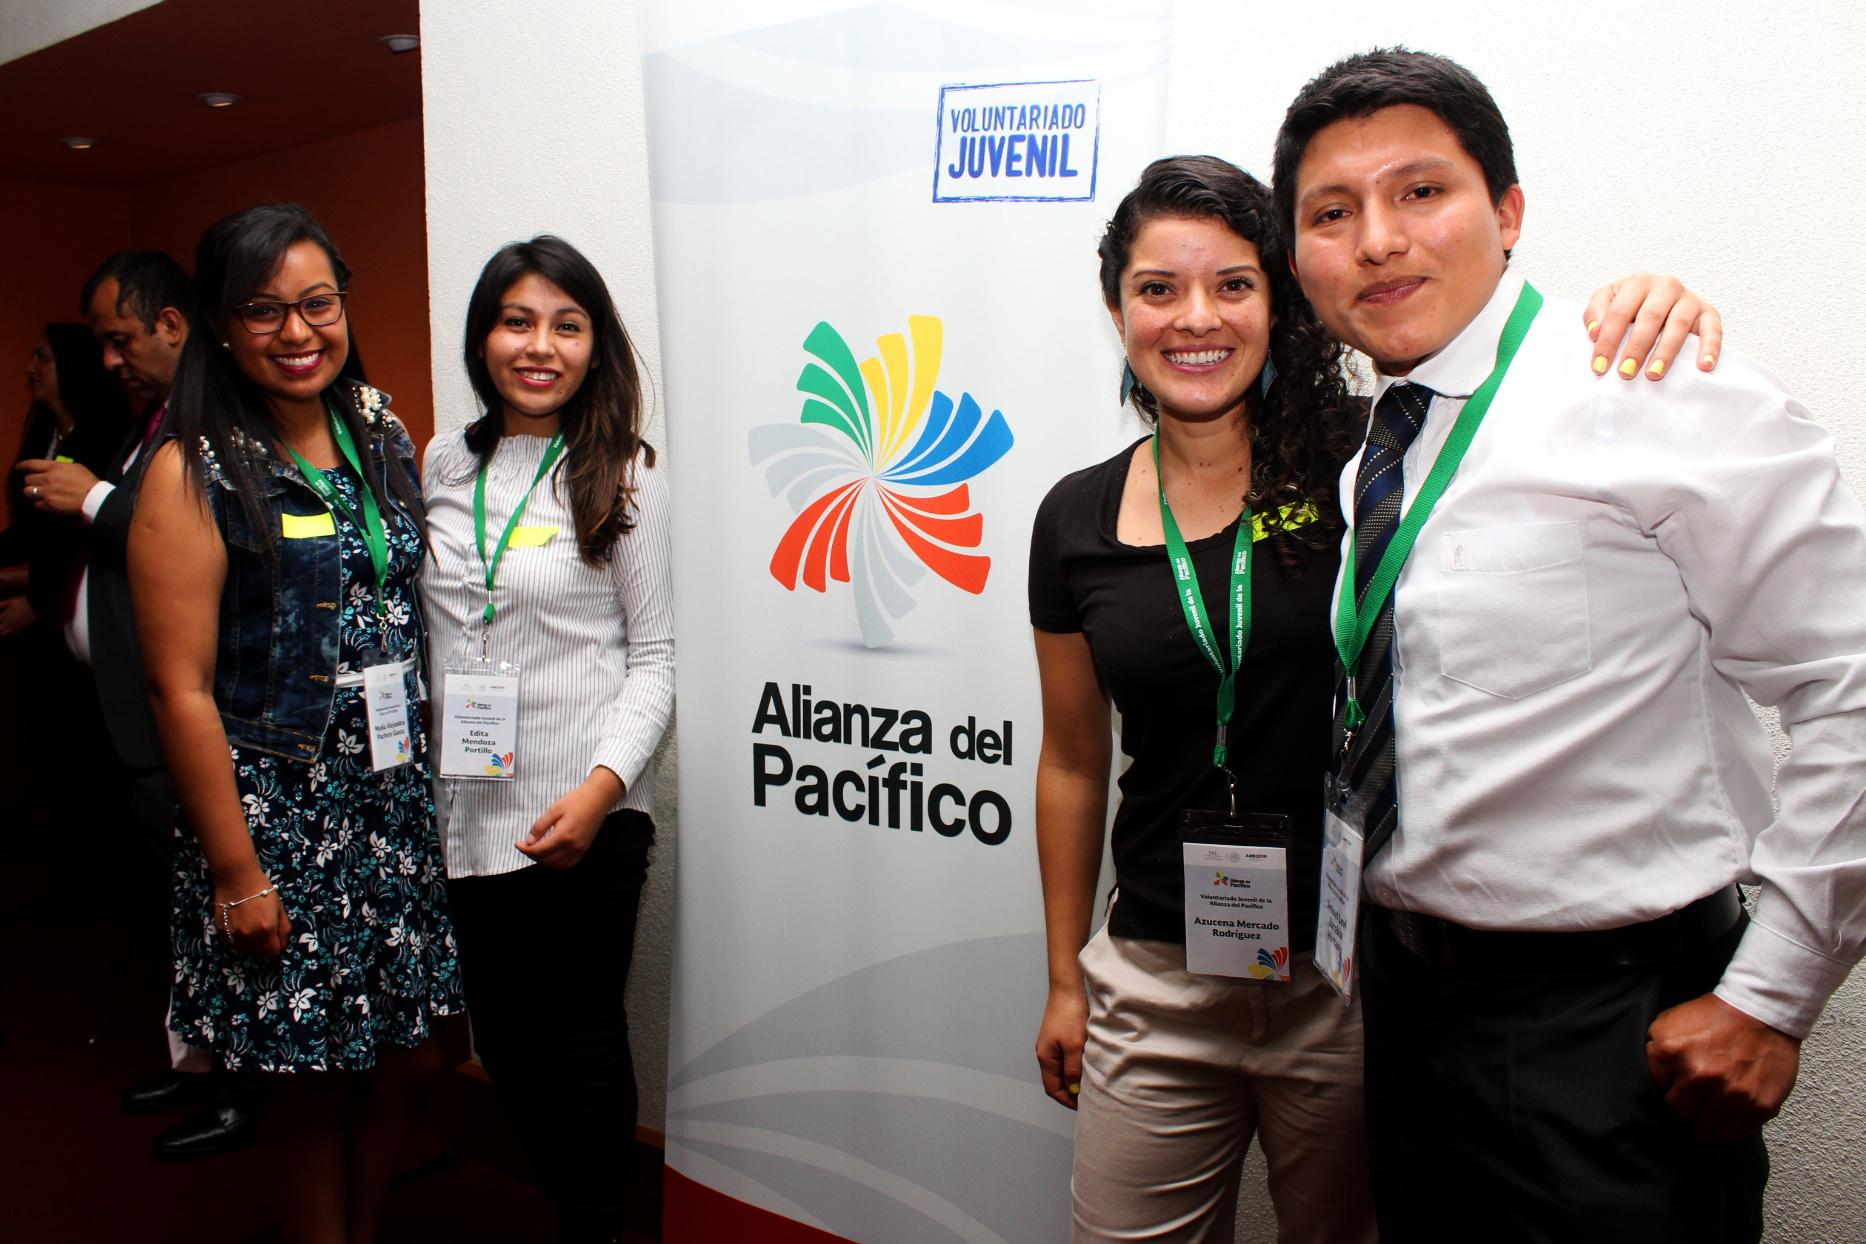 El Encuentro busca ser un espacio en el que las y los jóvenes de los cuatro países construyan soluciones a problemáticas locales, nacionales e internacionales.